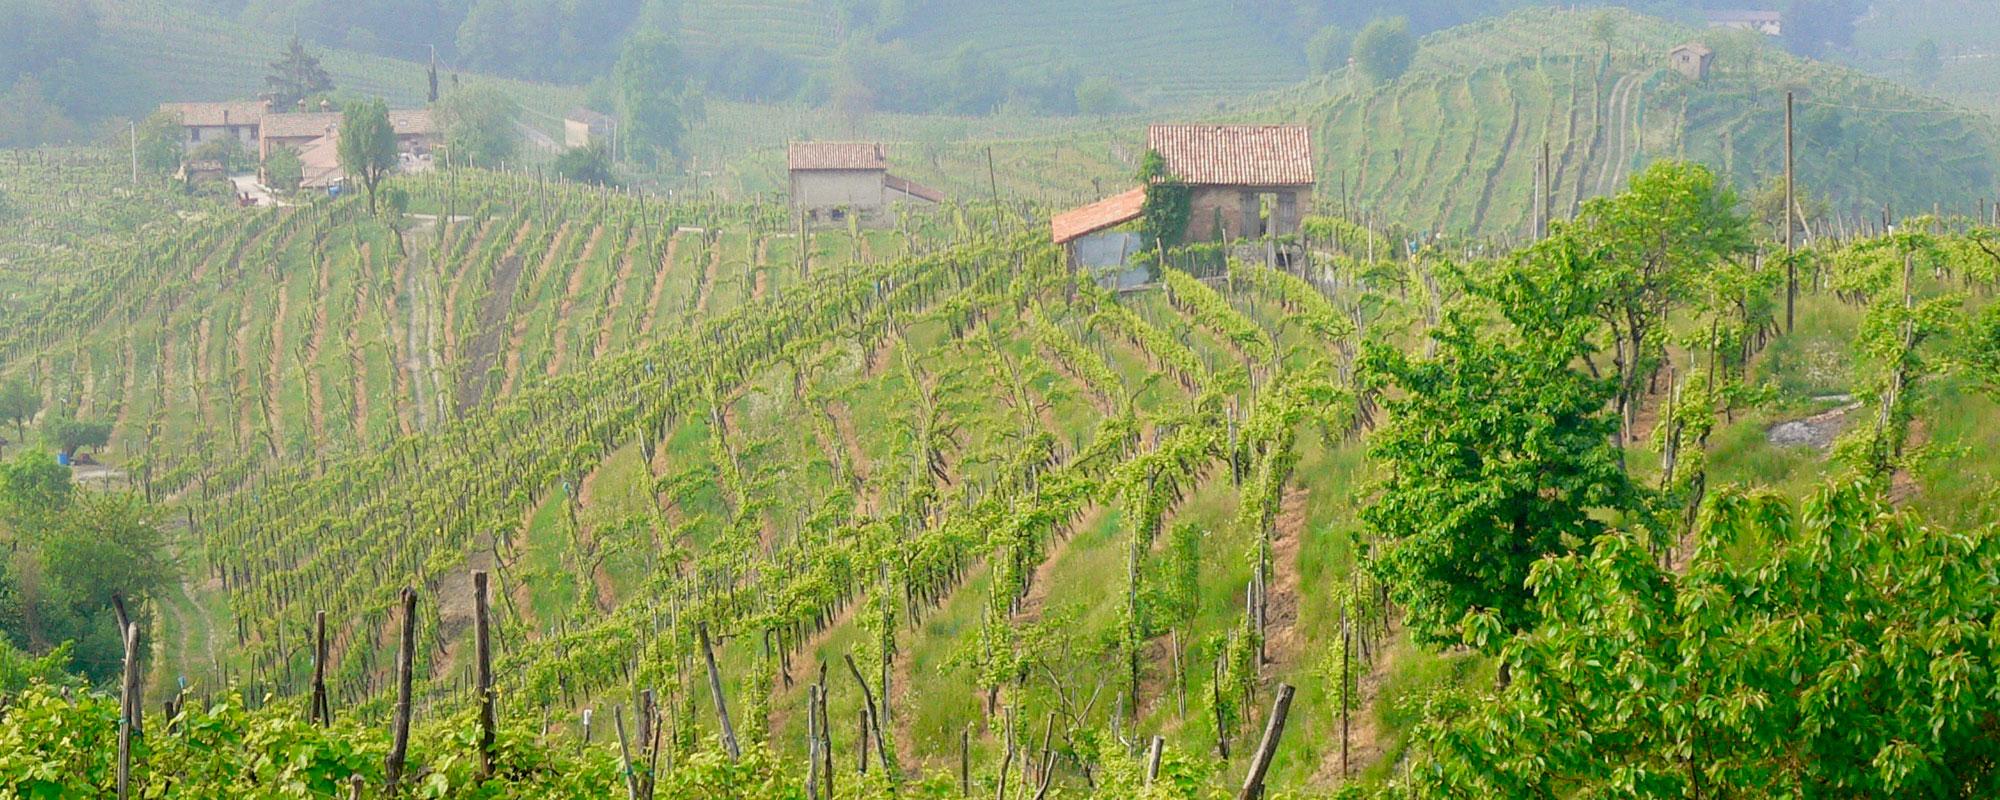 vignoble de Conegliano Valdobbiadene printemps